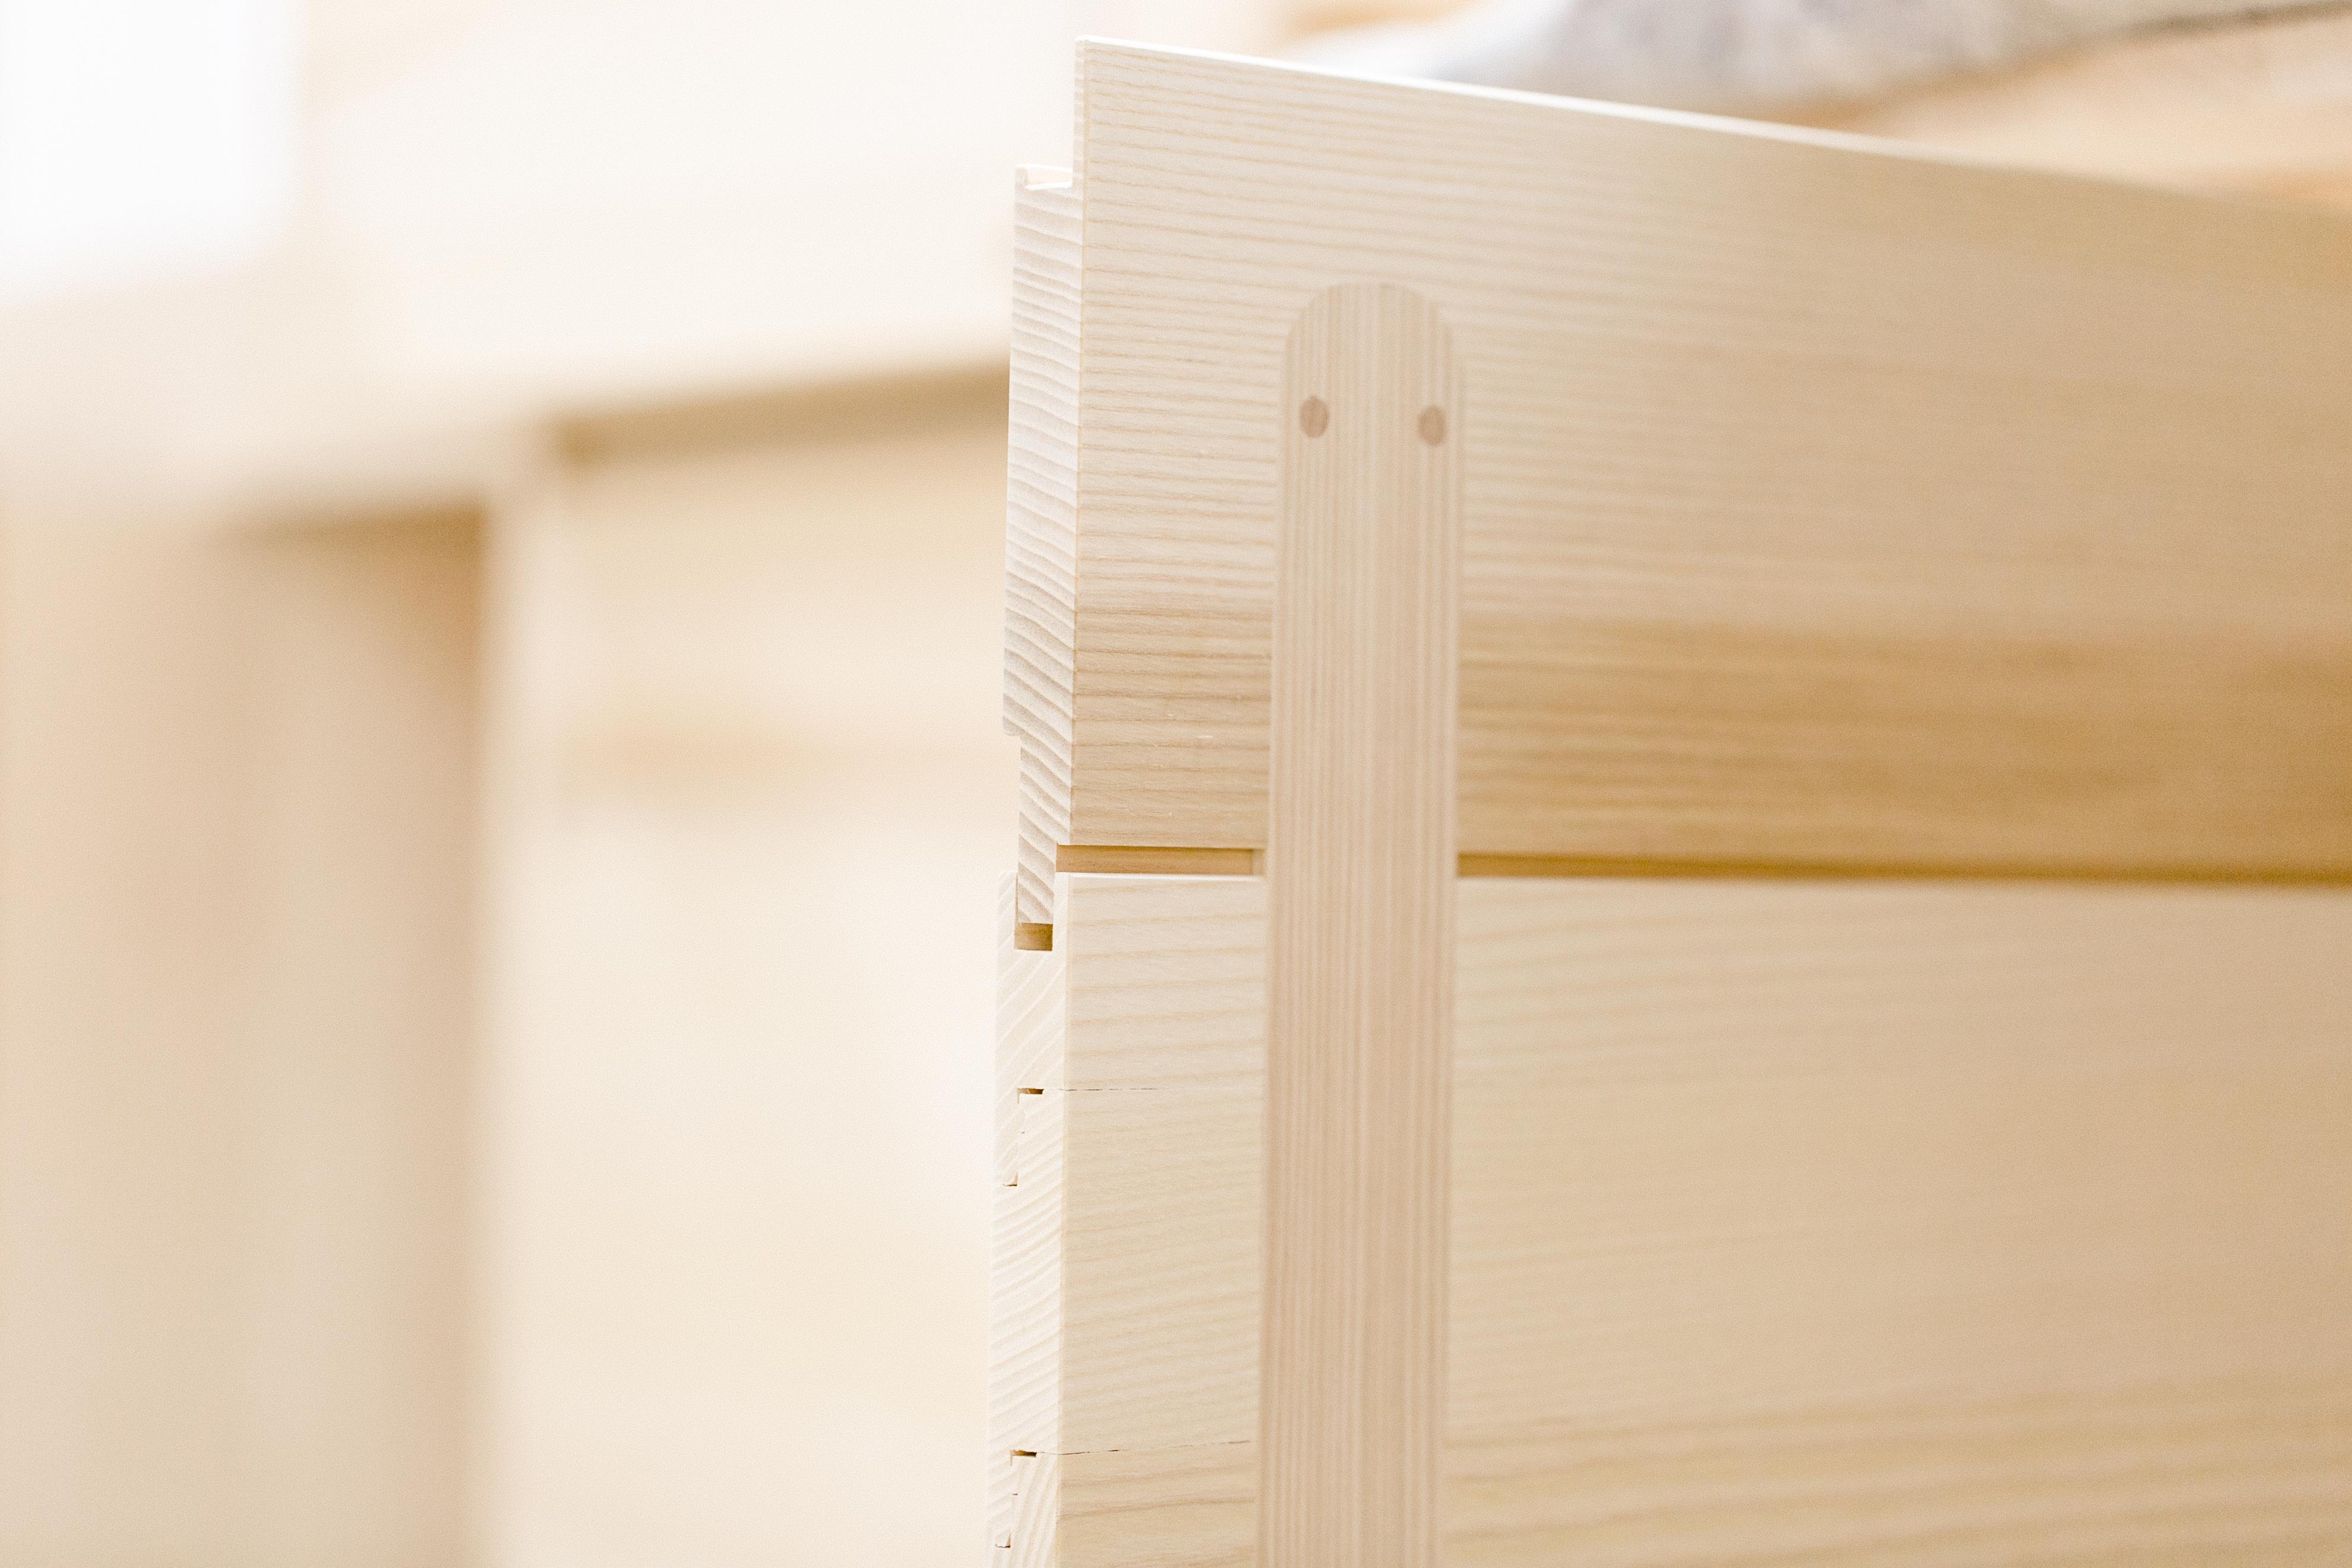 Unser, zum europäischen Patent angemeldetes, plattenförmige Holzsystem erlaubt, ein Schwinden und Quellen des Holzes, ohne das sich dabei das Aussenmass verändert. Mit der innliegenden Querleiste bleibt die Front gerade und wird stabilisiert. Das System wird für leimfreie Küchen- und Möbelfronten eingesetzt.